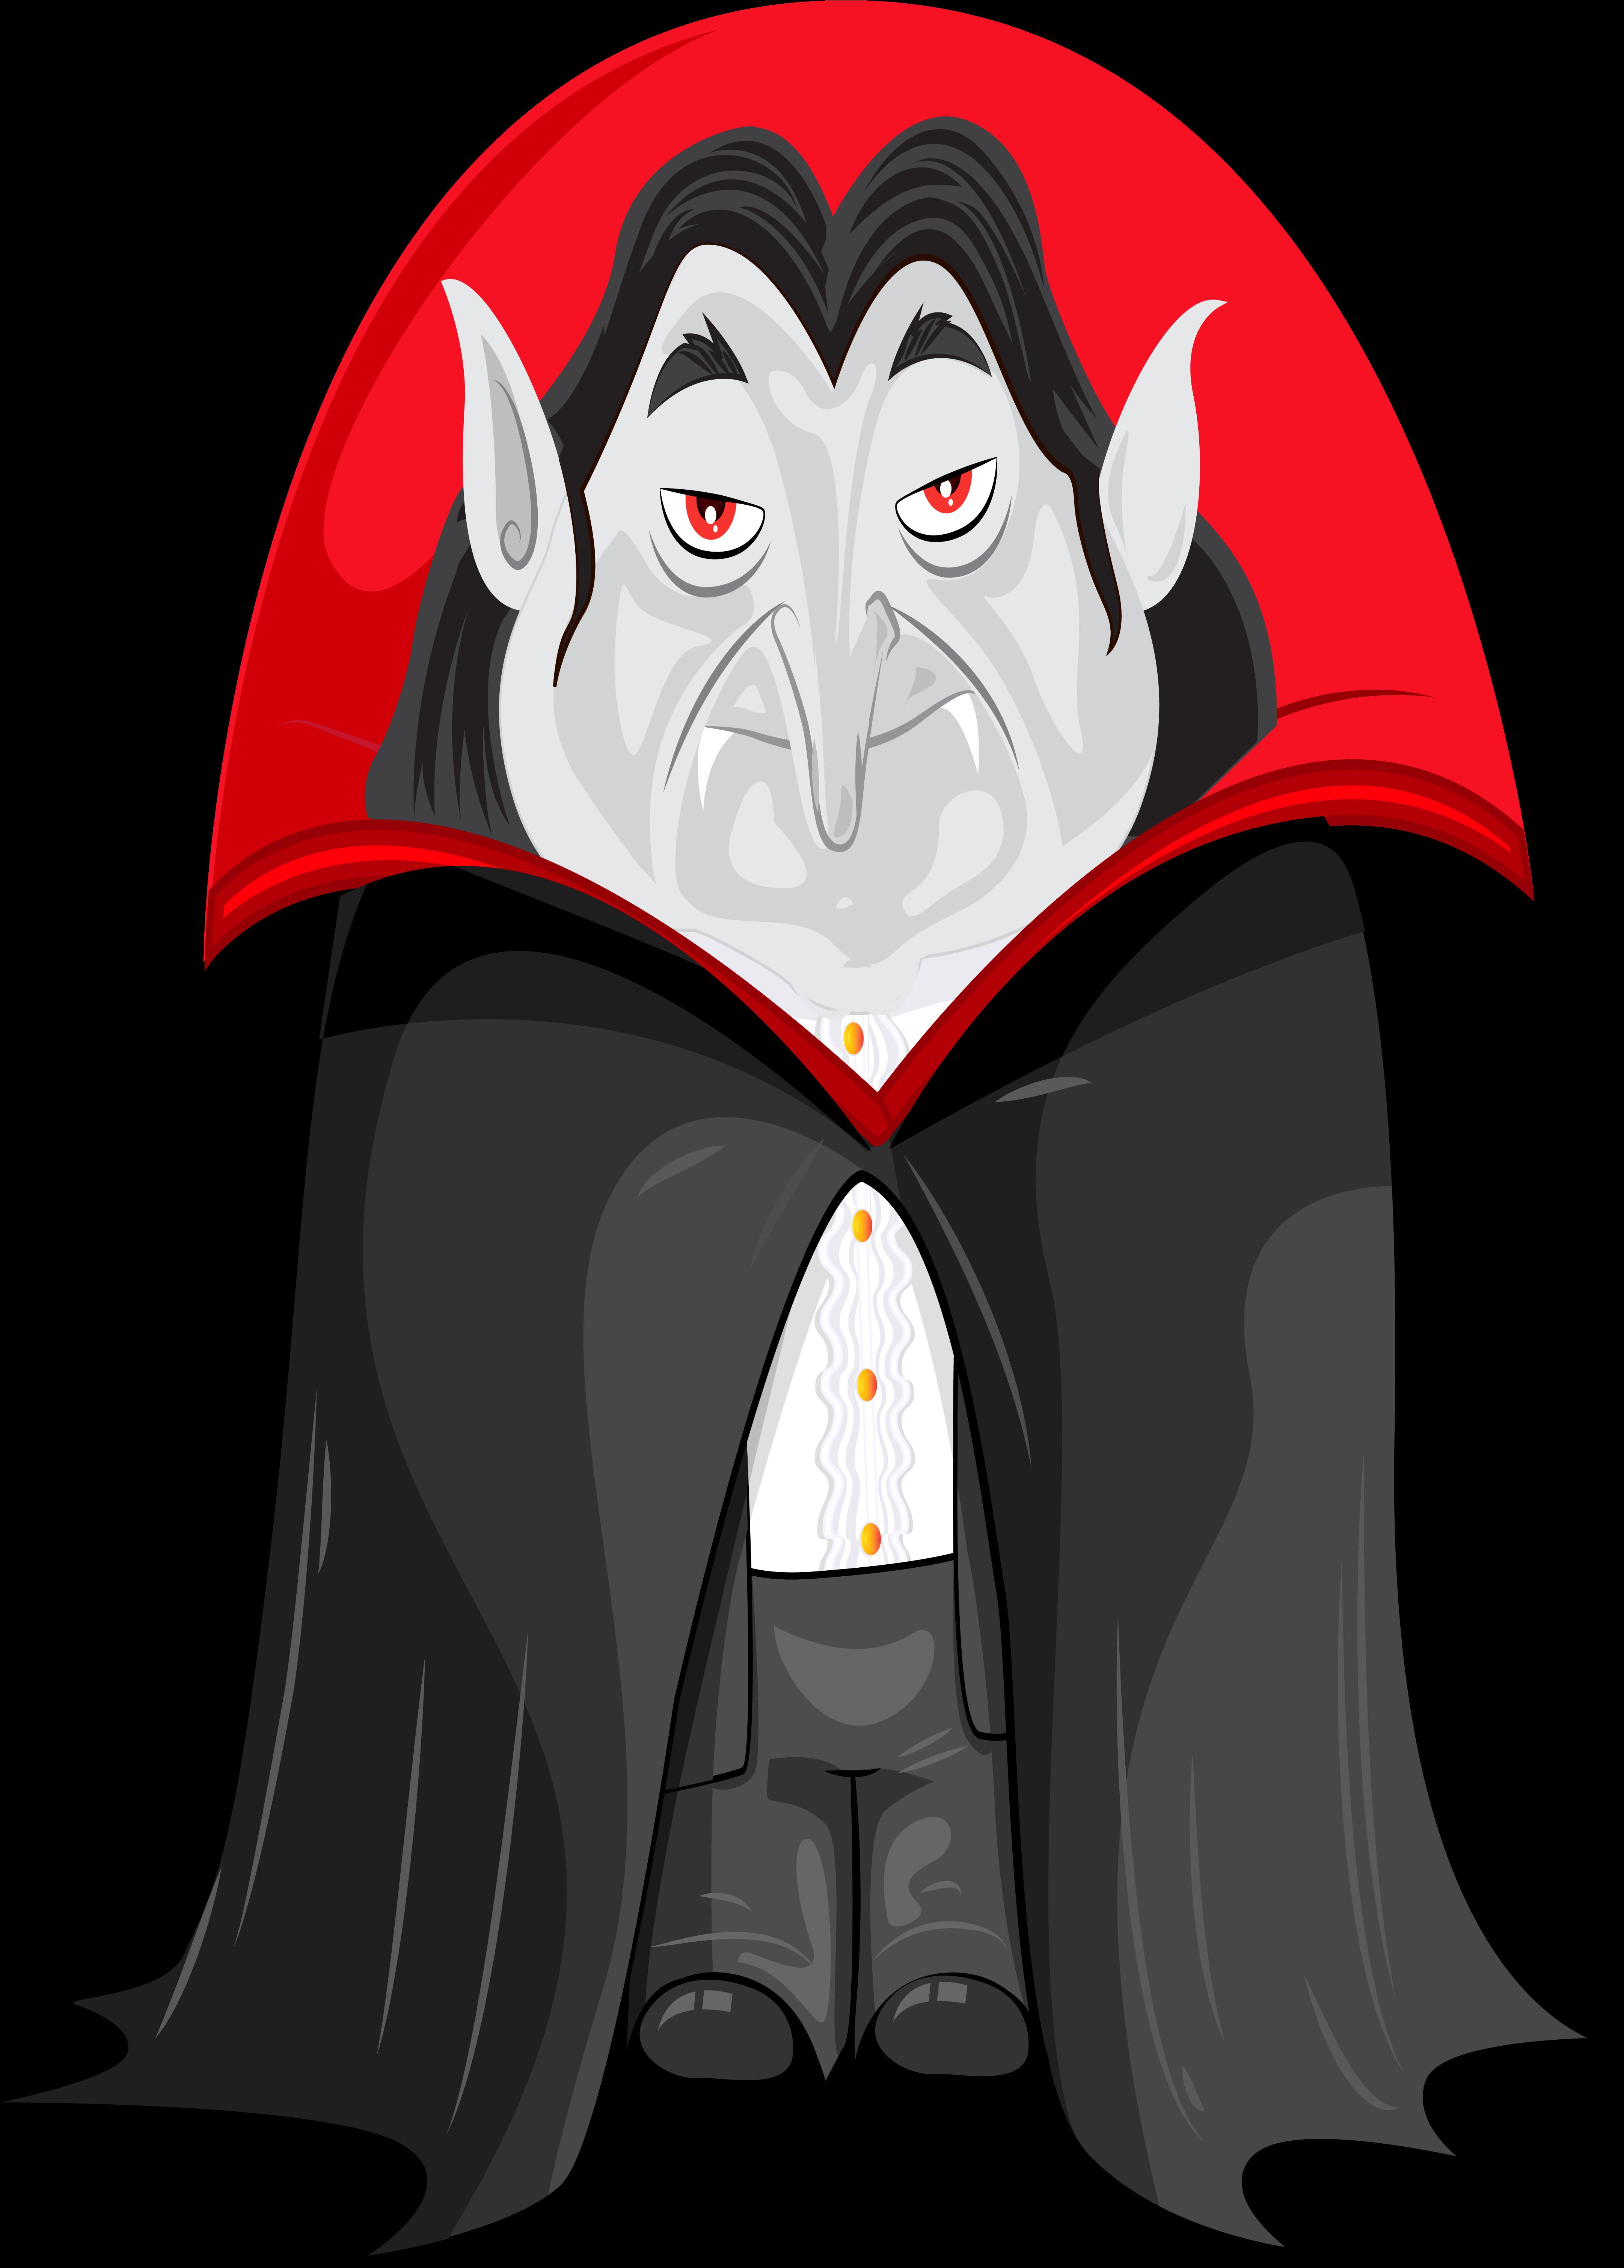 Vampire Transparent Coffin Clipart.